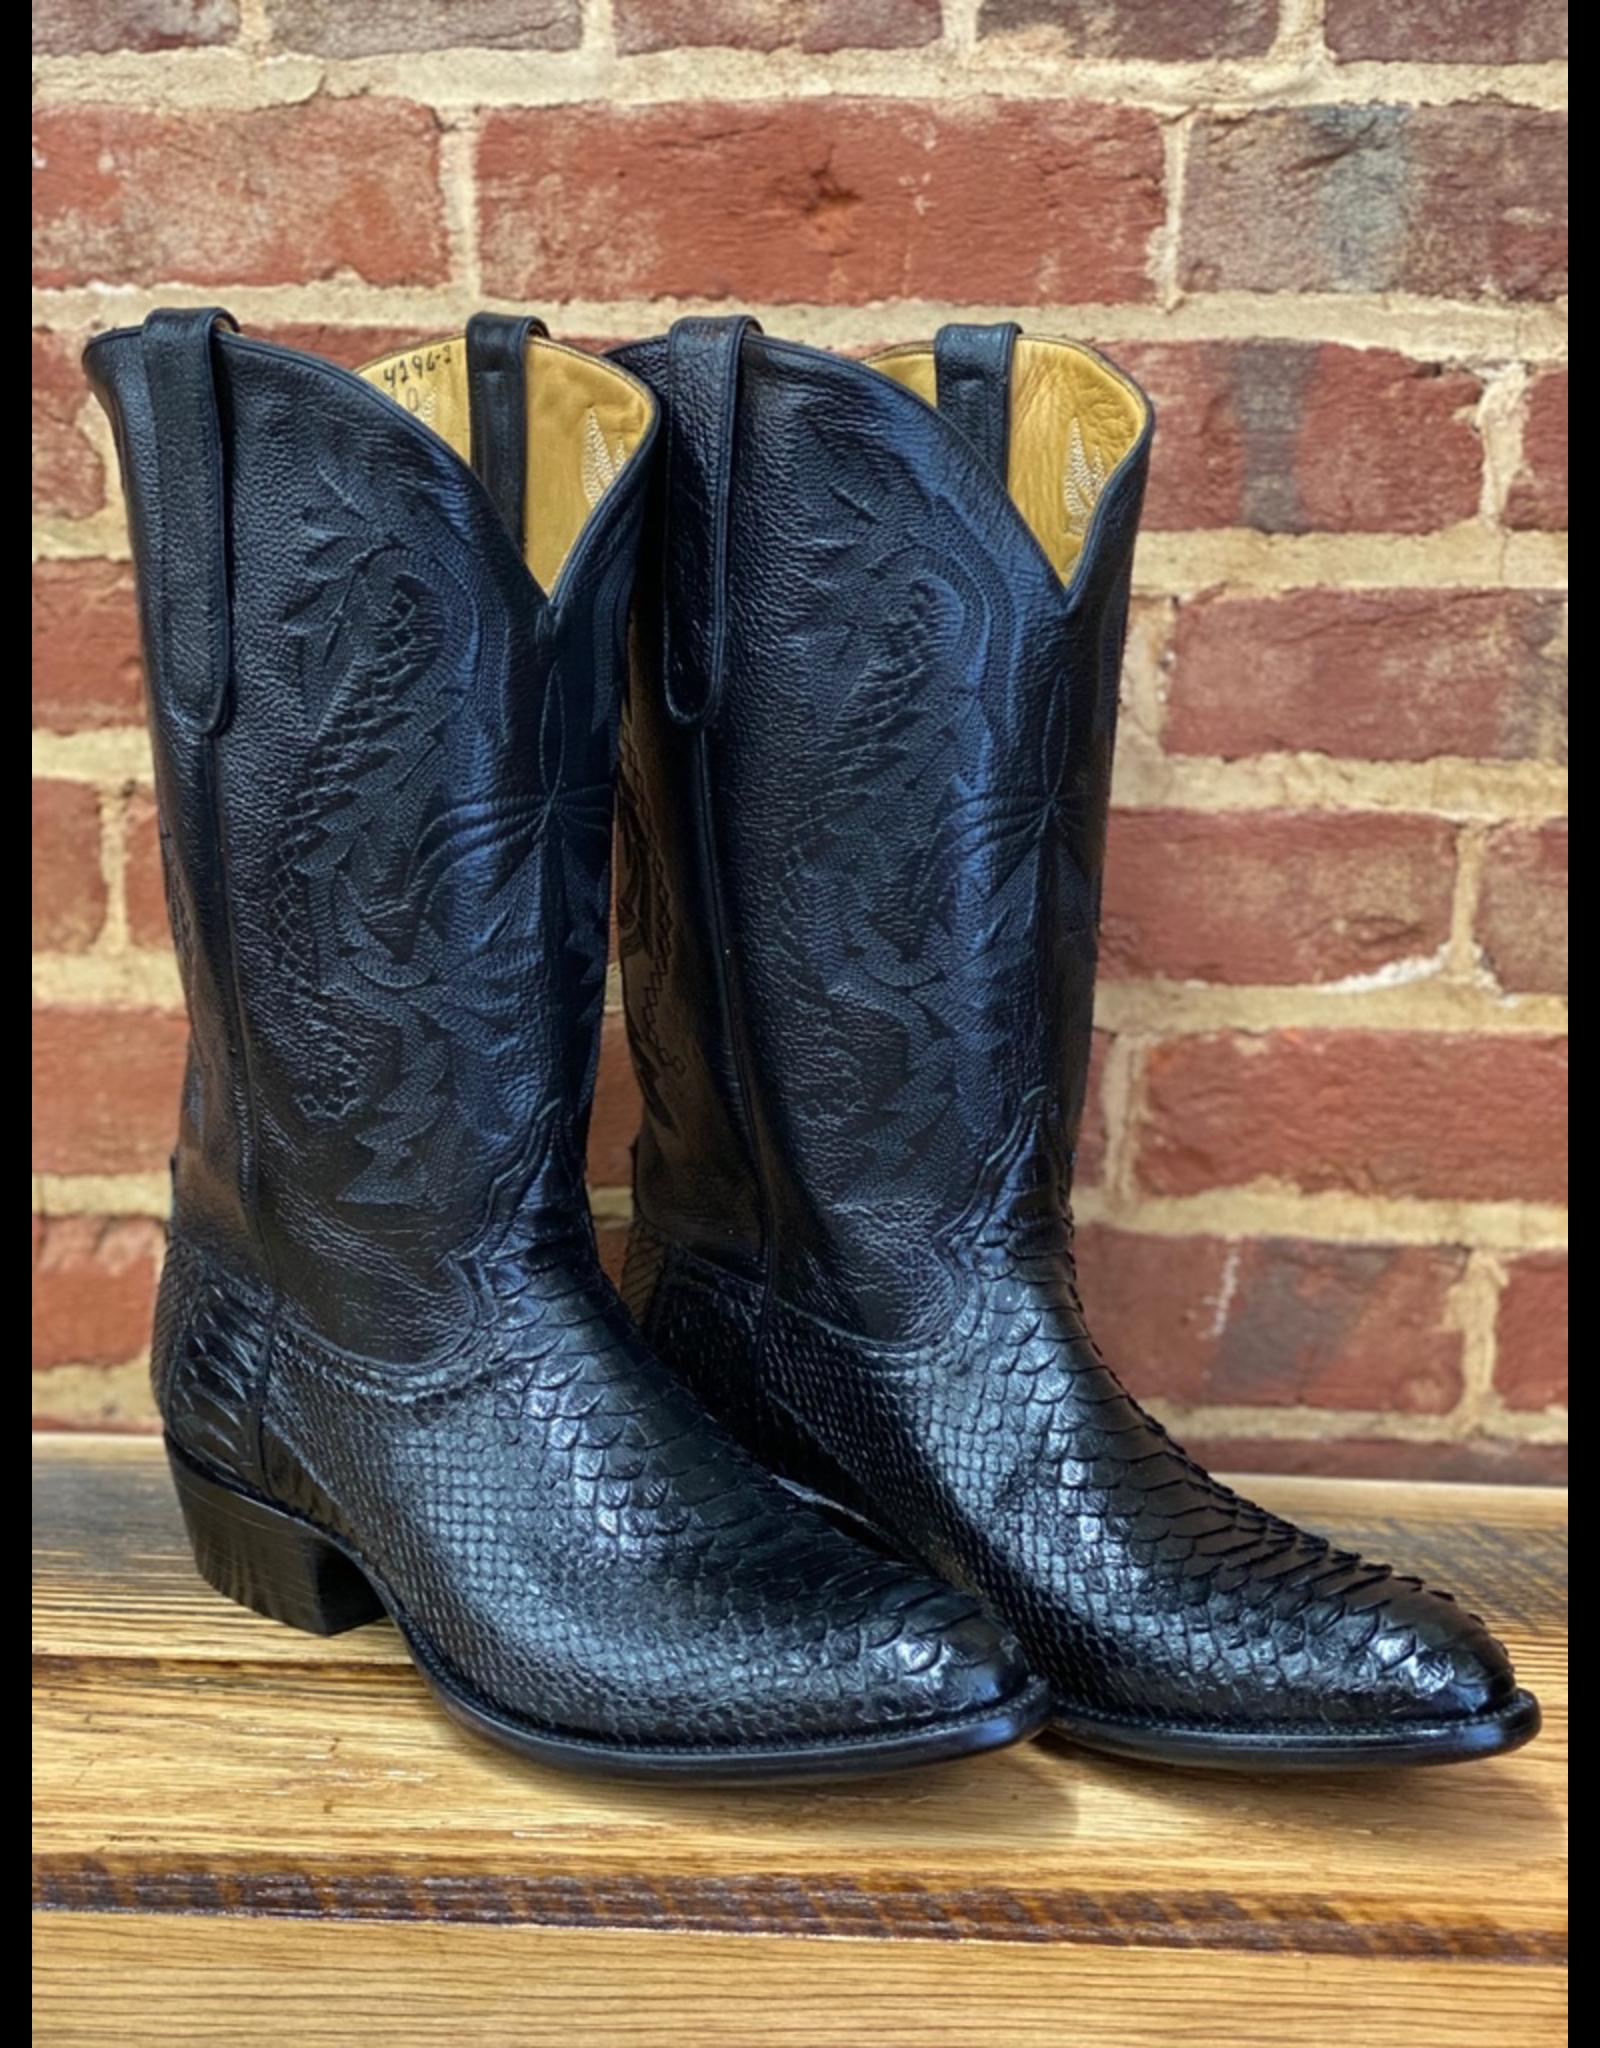 Boots-Men Rodney Ammons  11.5 E Black Python